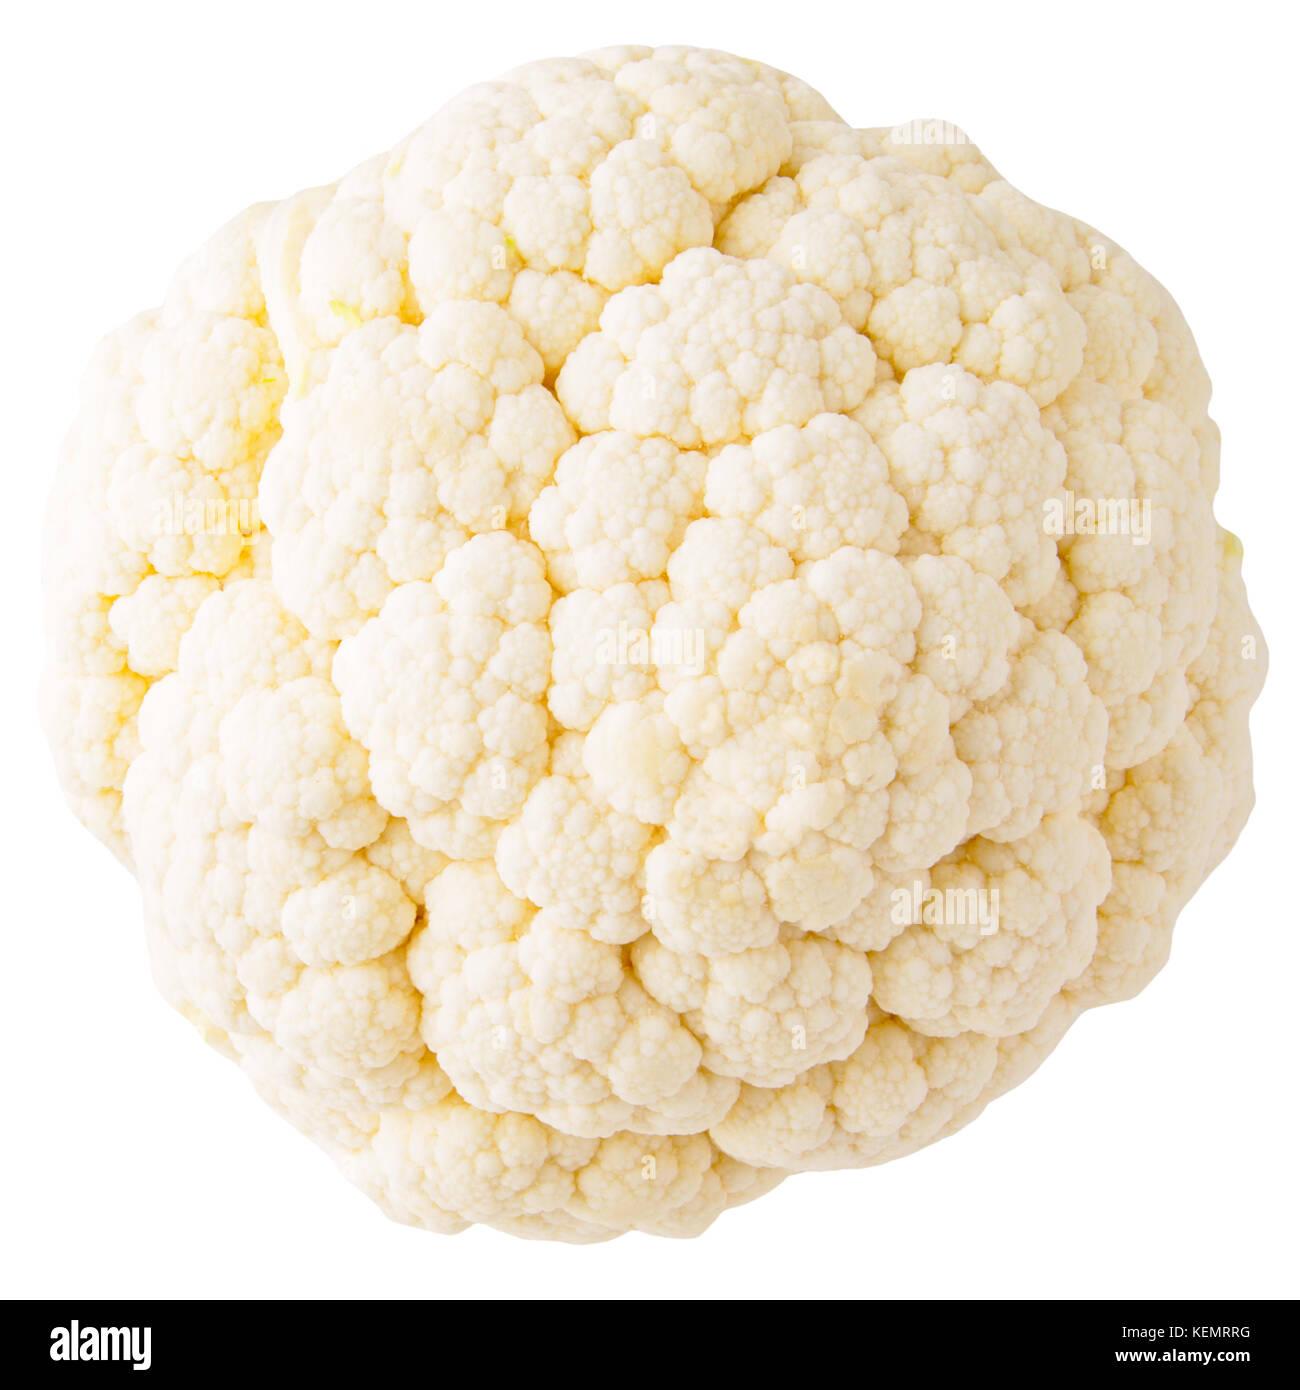 Isolierte Gemüse. Blumenkohl isoliert auf weißem Hintergrund mit freistellungspfad als Paket design Element. Stockbild